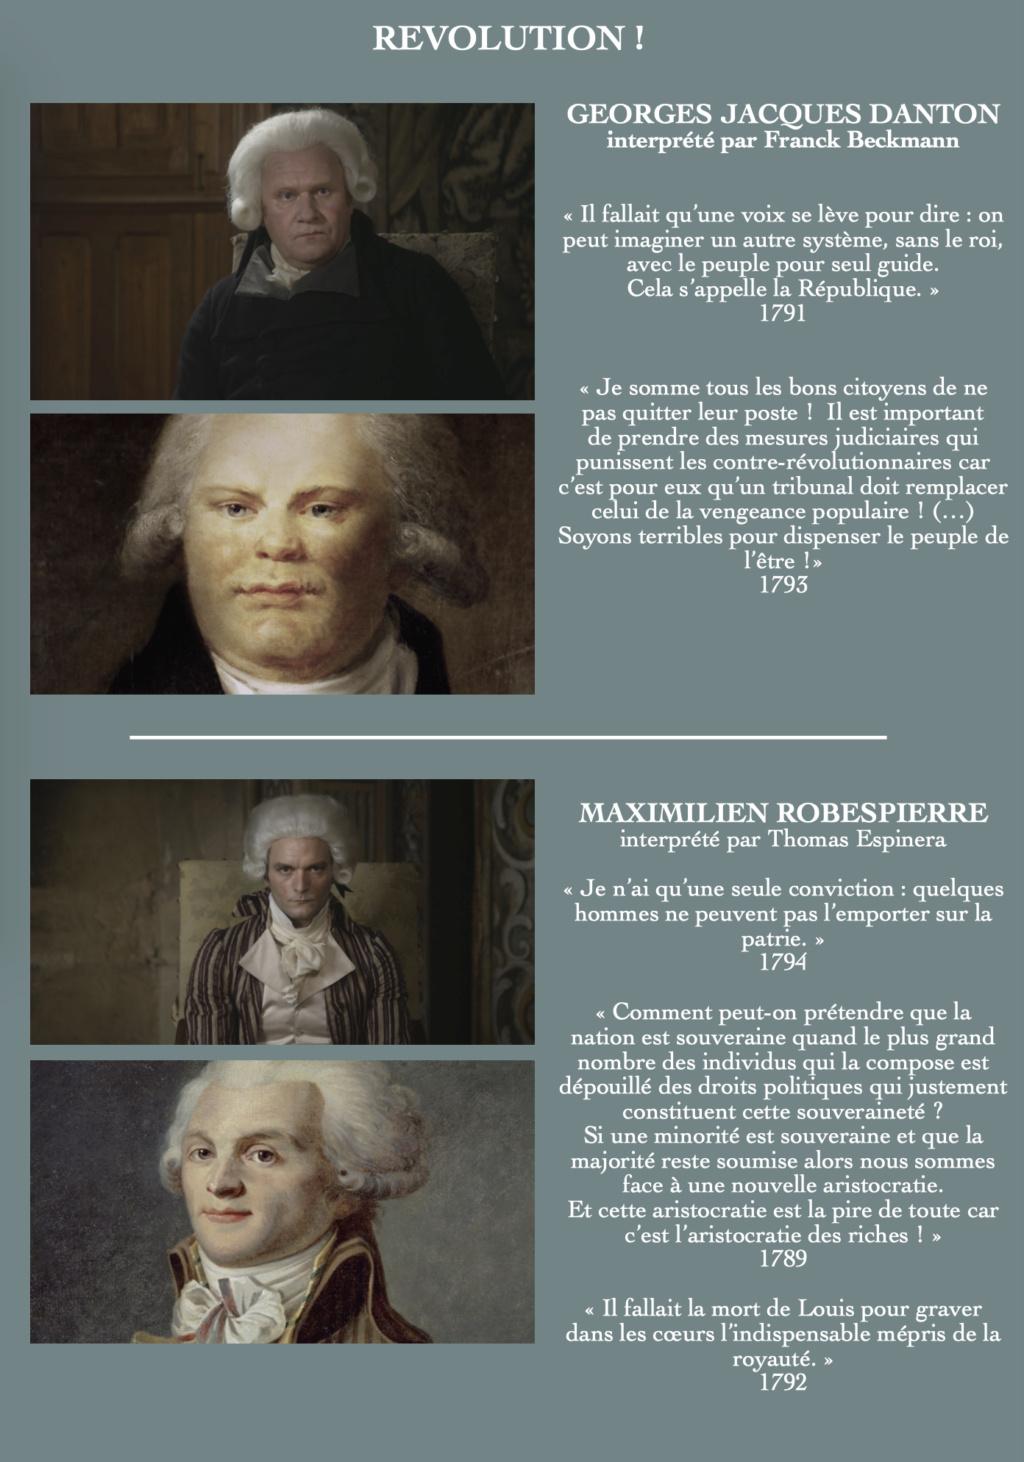 Révolution ! Docu-fiction en deux parties diffusé sur France 2 France10